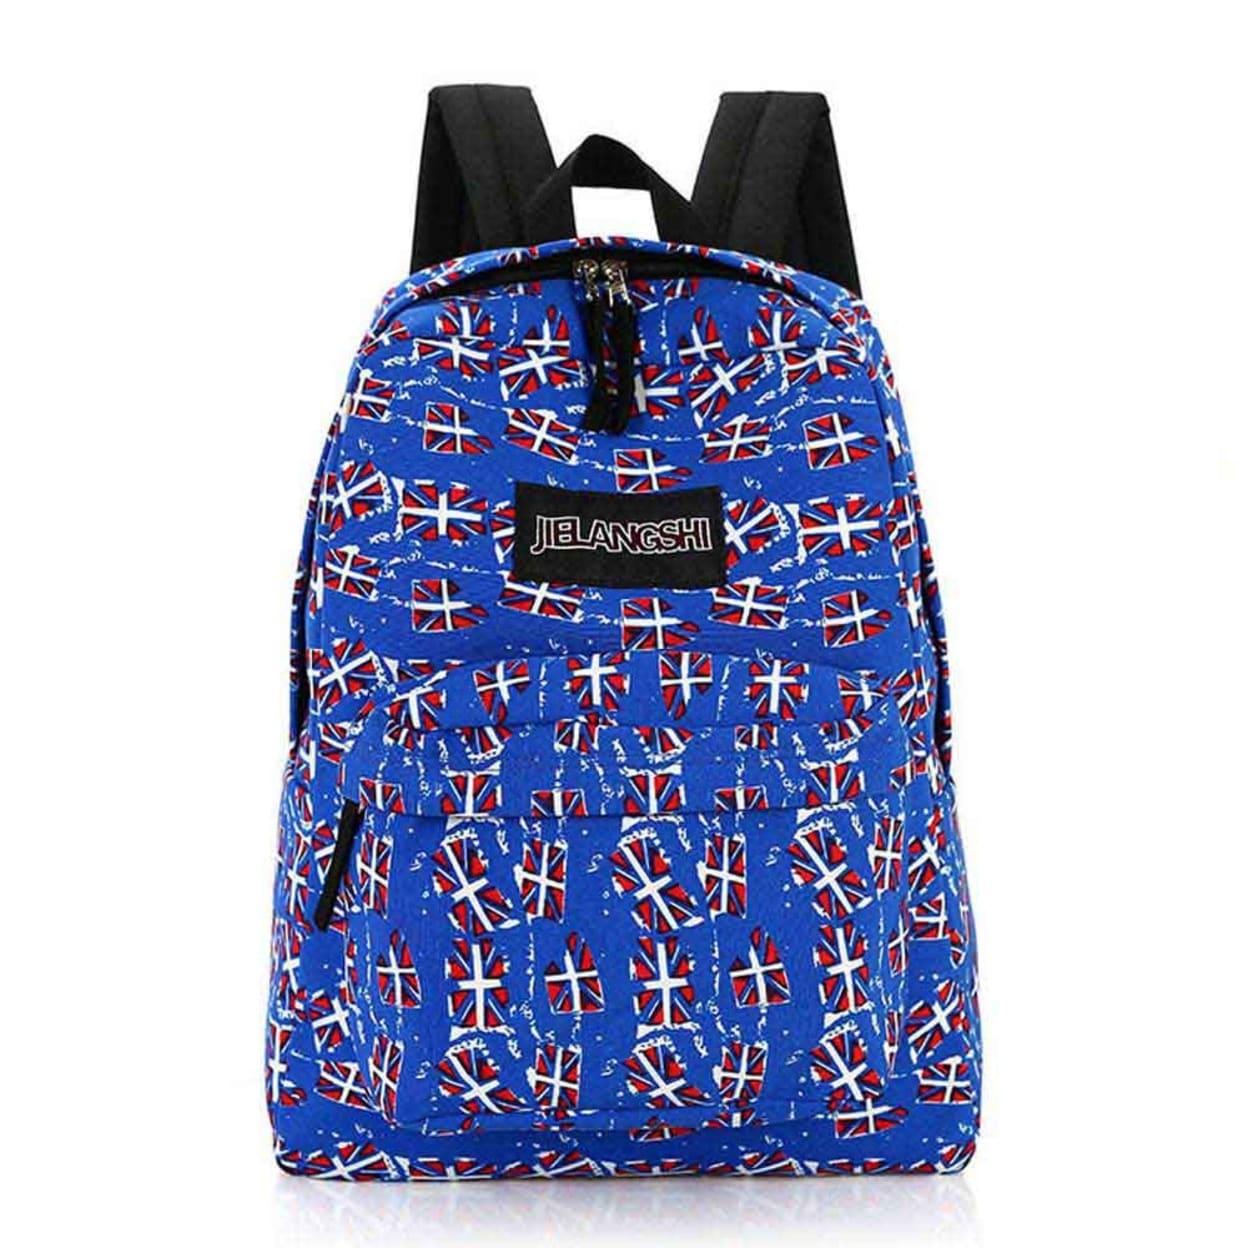 Shop Women Girl Canvas Rucksack Backpack School Bag Book Shoulder Bag -  Free Shipping On Orders Over  45 - Overstock.com - 23489738 522d83842c